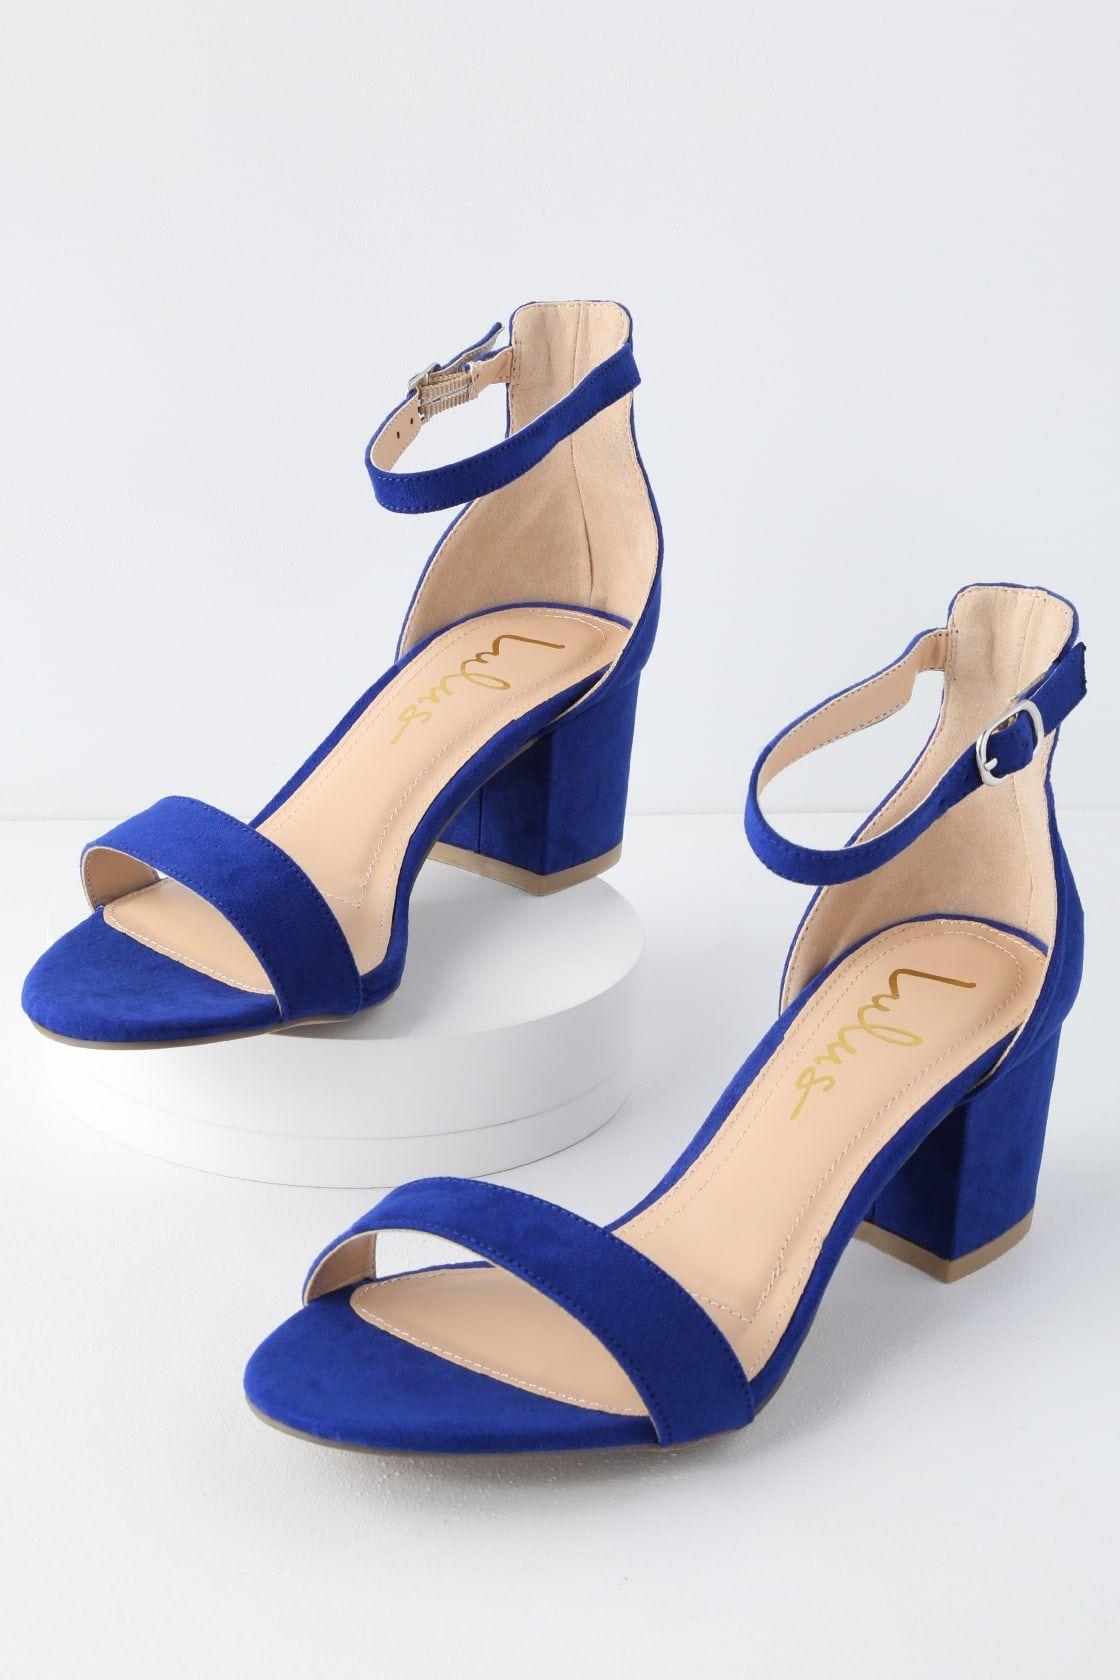 41c630c0839 Harper Cobalt Blue Ankle Strap Heels in 2019 | Blue shoes | Blue ...